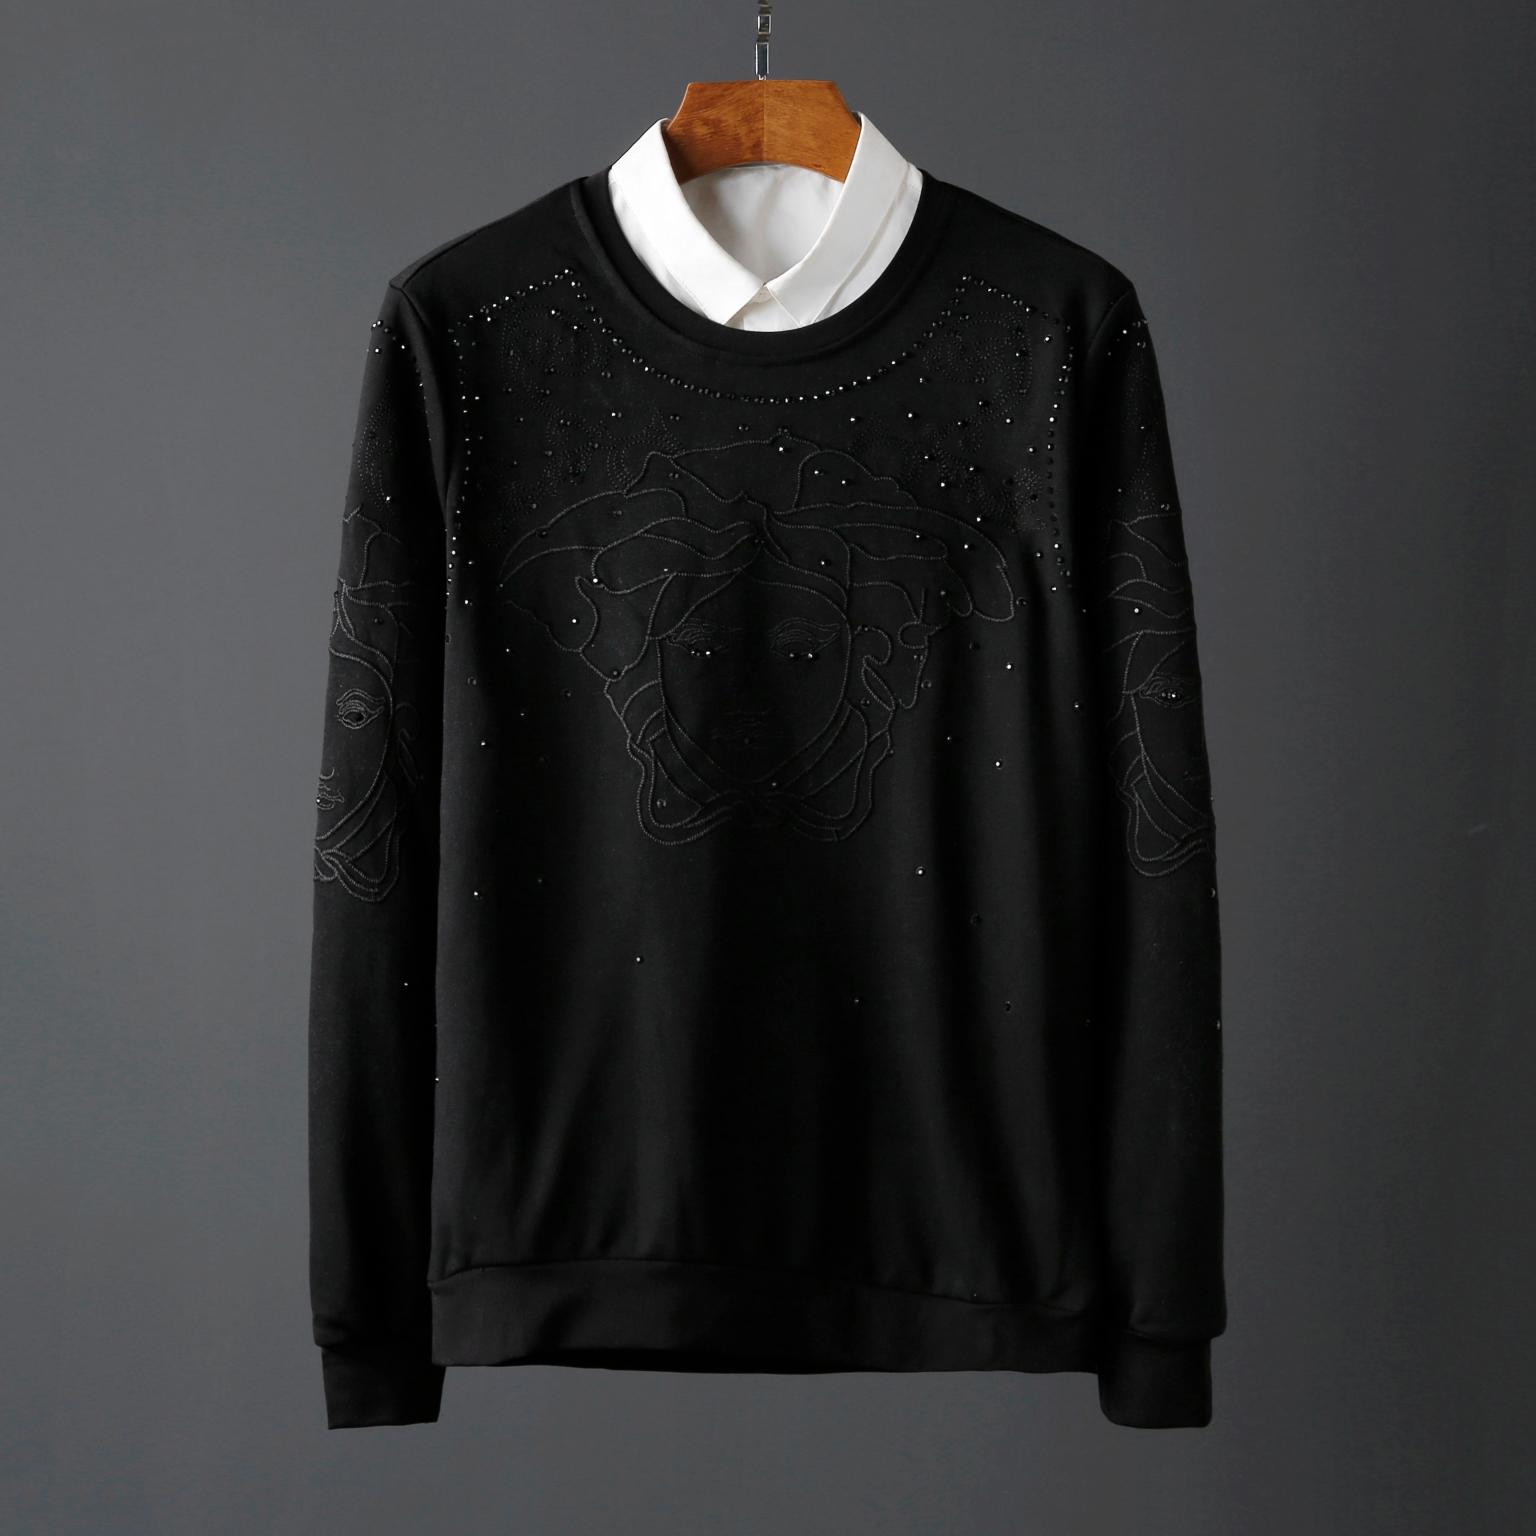 A274/C6209#秋冬高品质烫钻刺绣工艺圆领套头长袖卫衣男P99